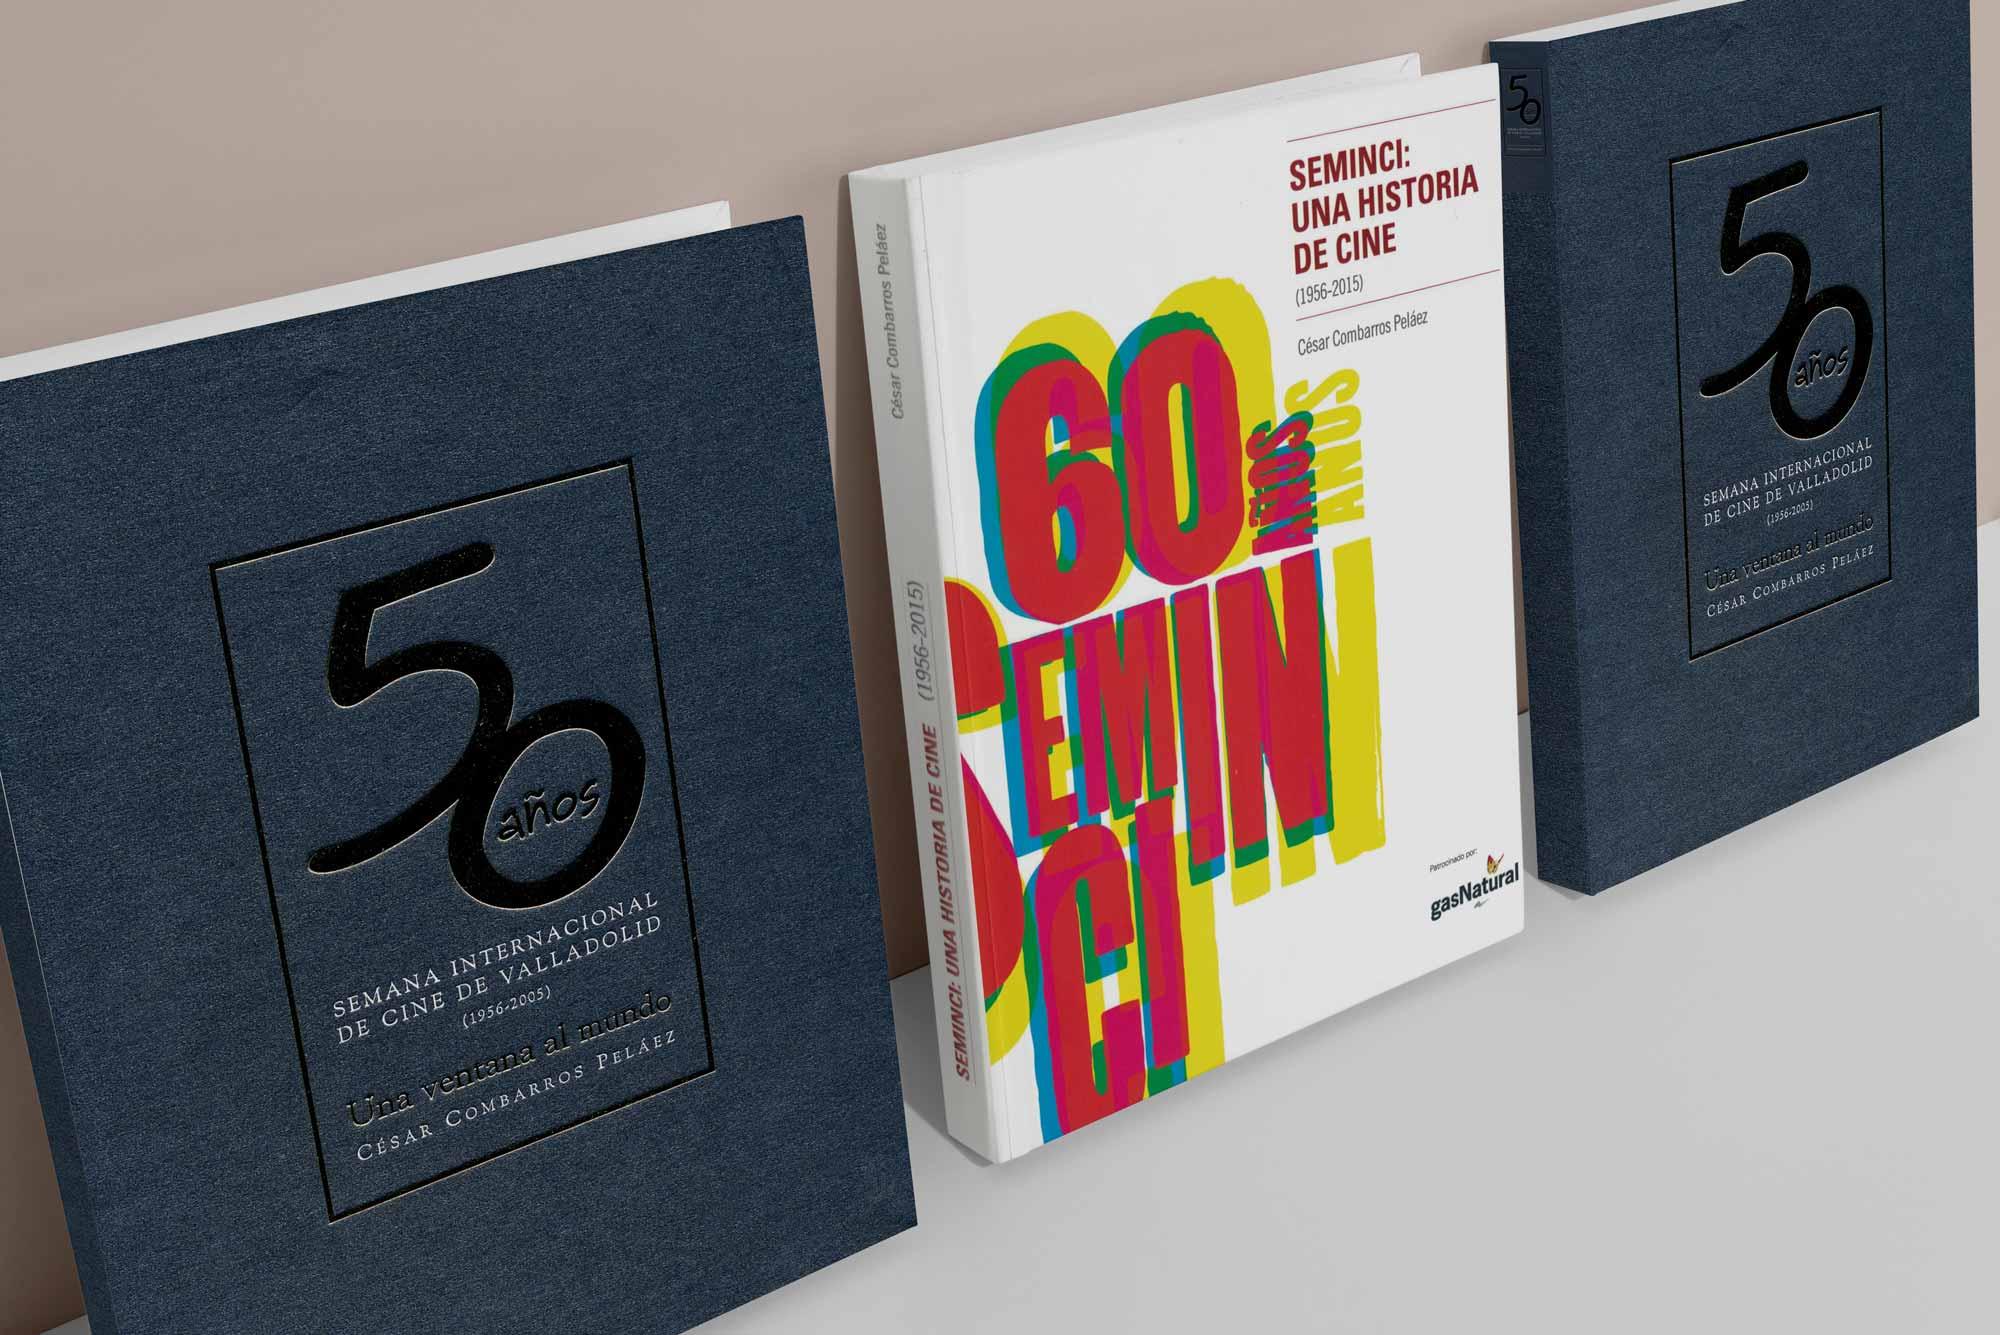 libros_seminci